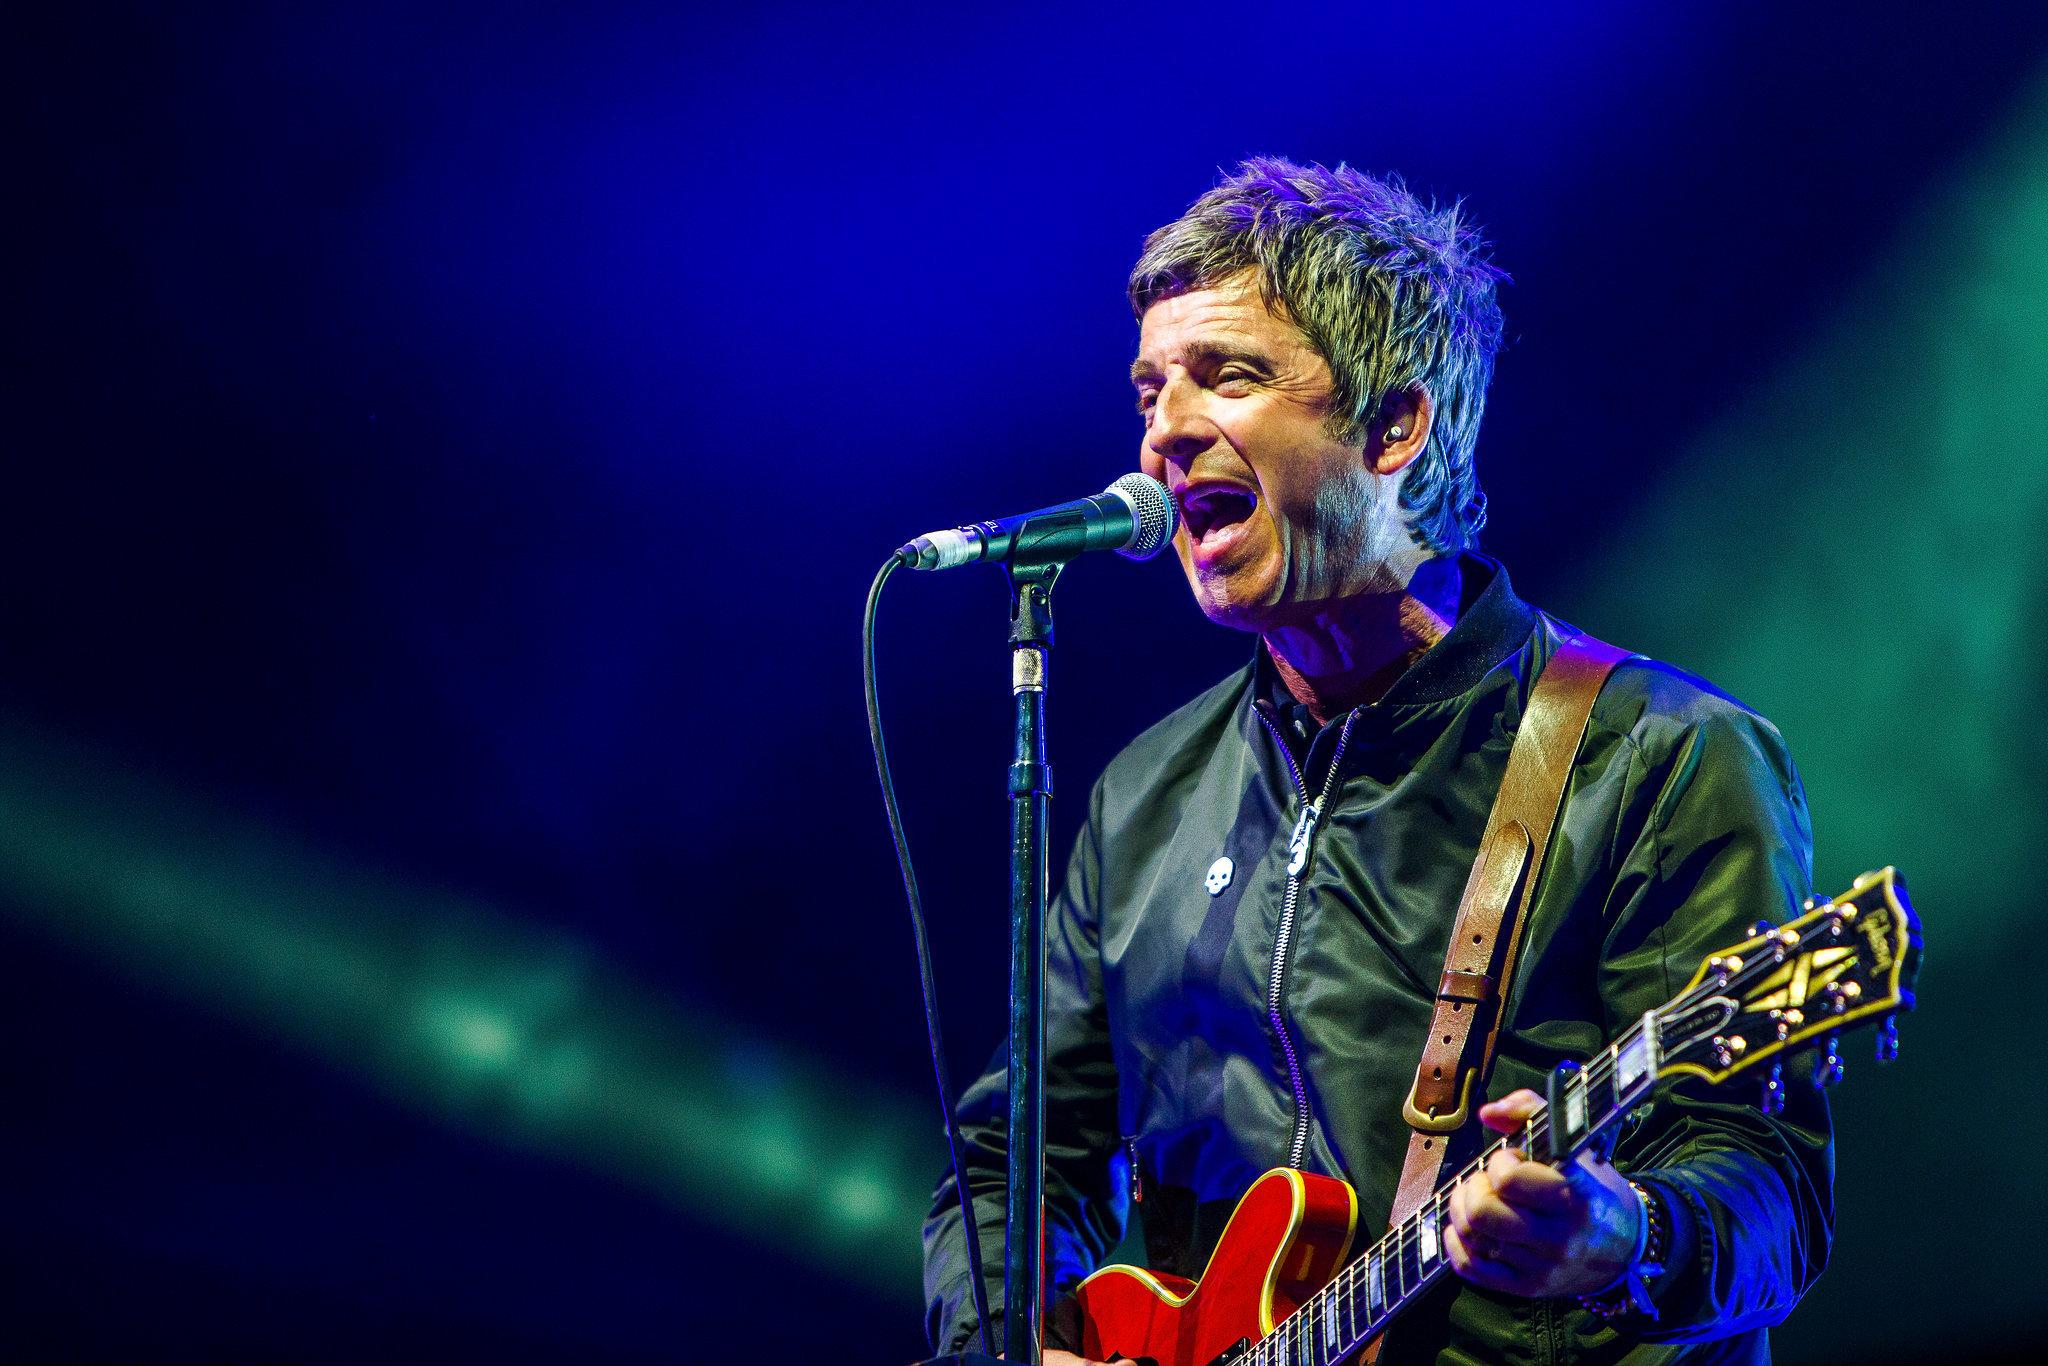 Noel Gallagher at Kendal Calling. Credit: Scott Salt